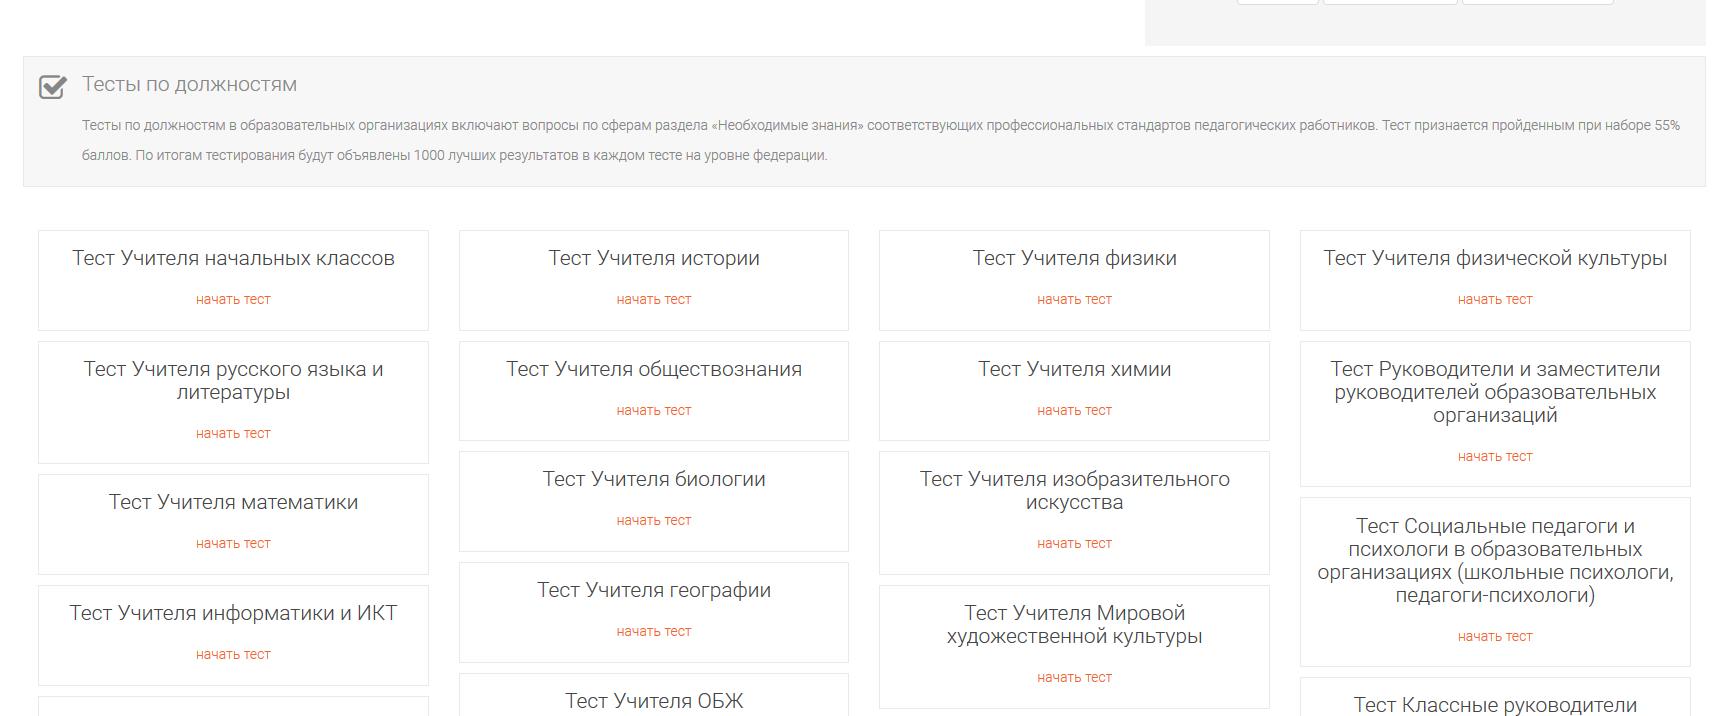 d-yandex-yandexdisk-skrinshoty-primery-testov-v-ka.png